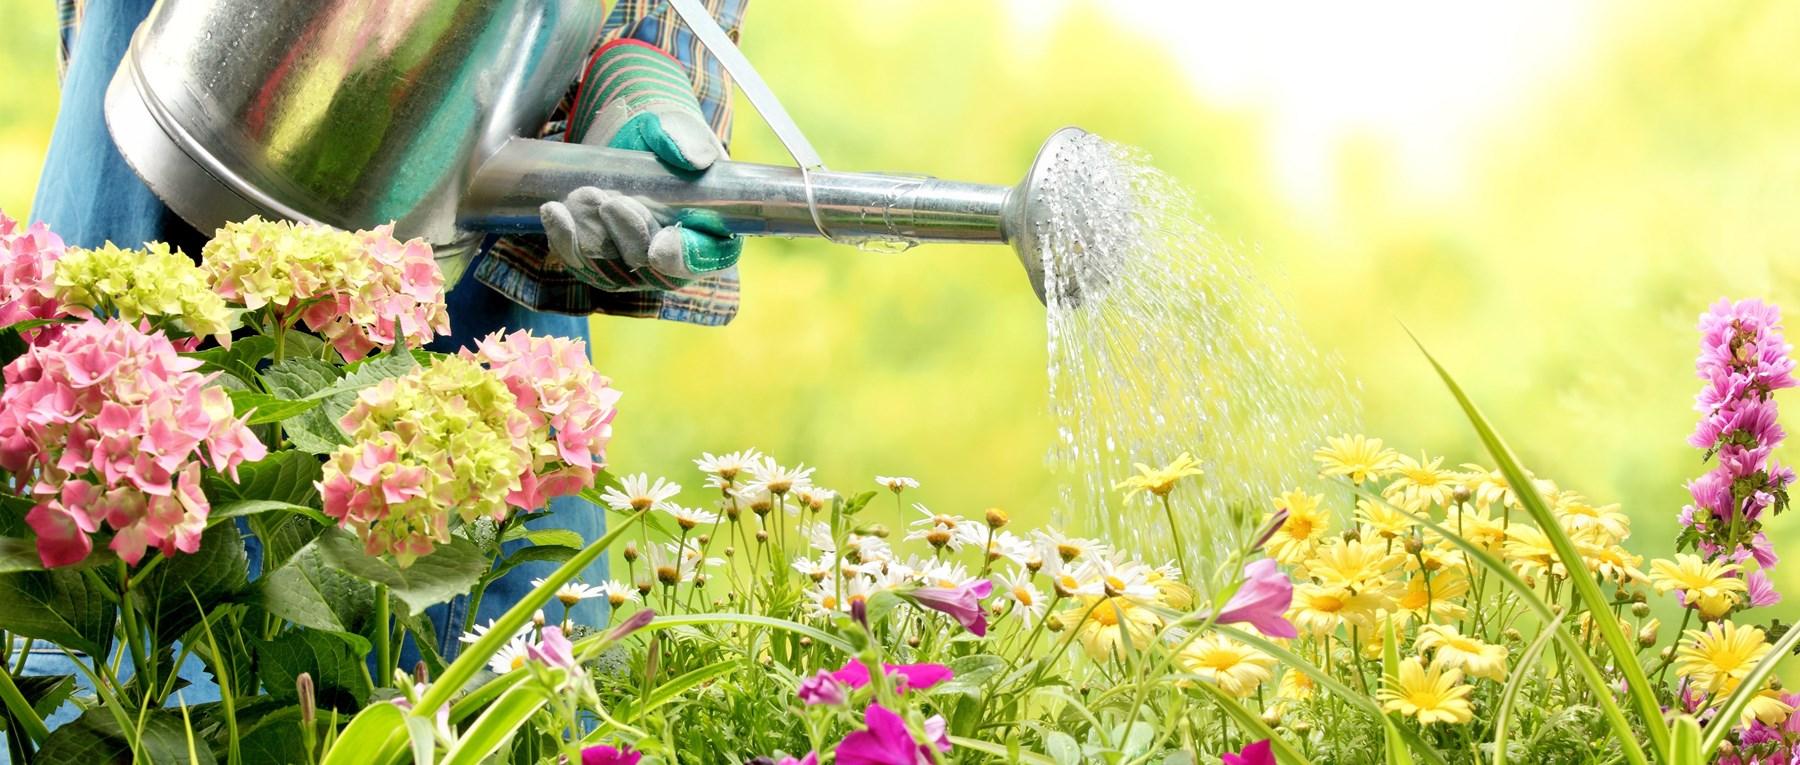 Garden being watered